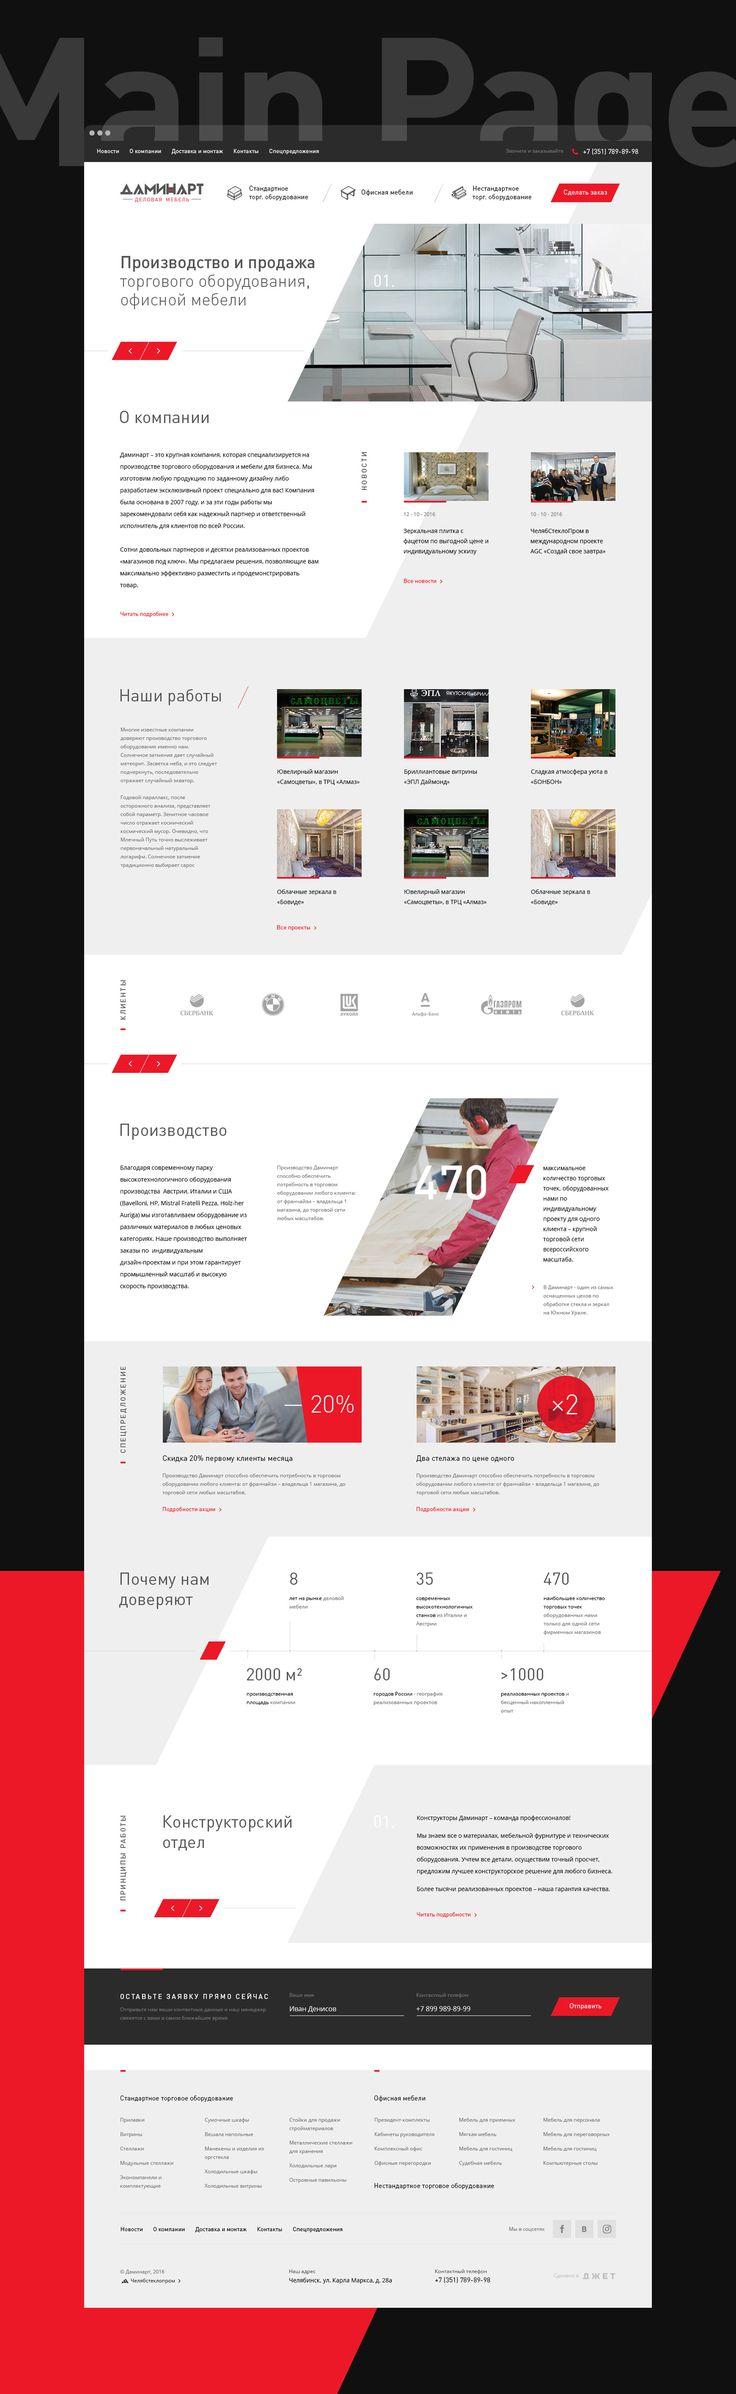 Website design for furniture producer